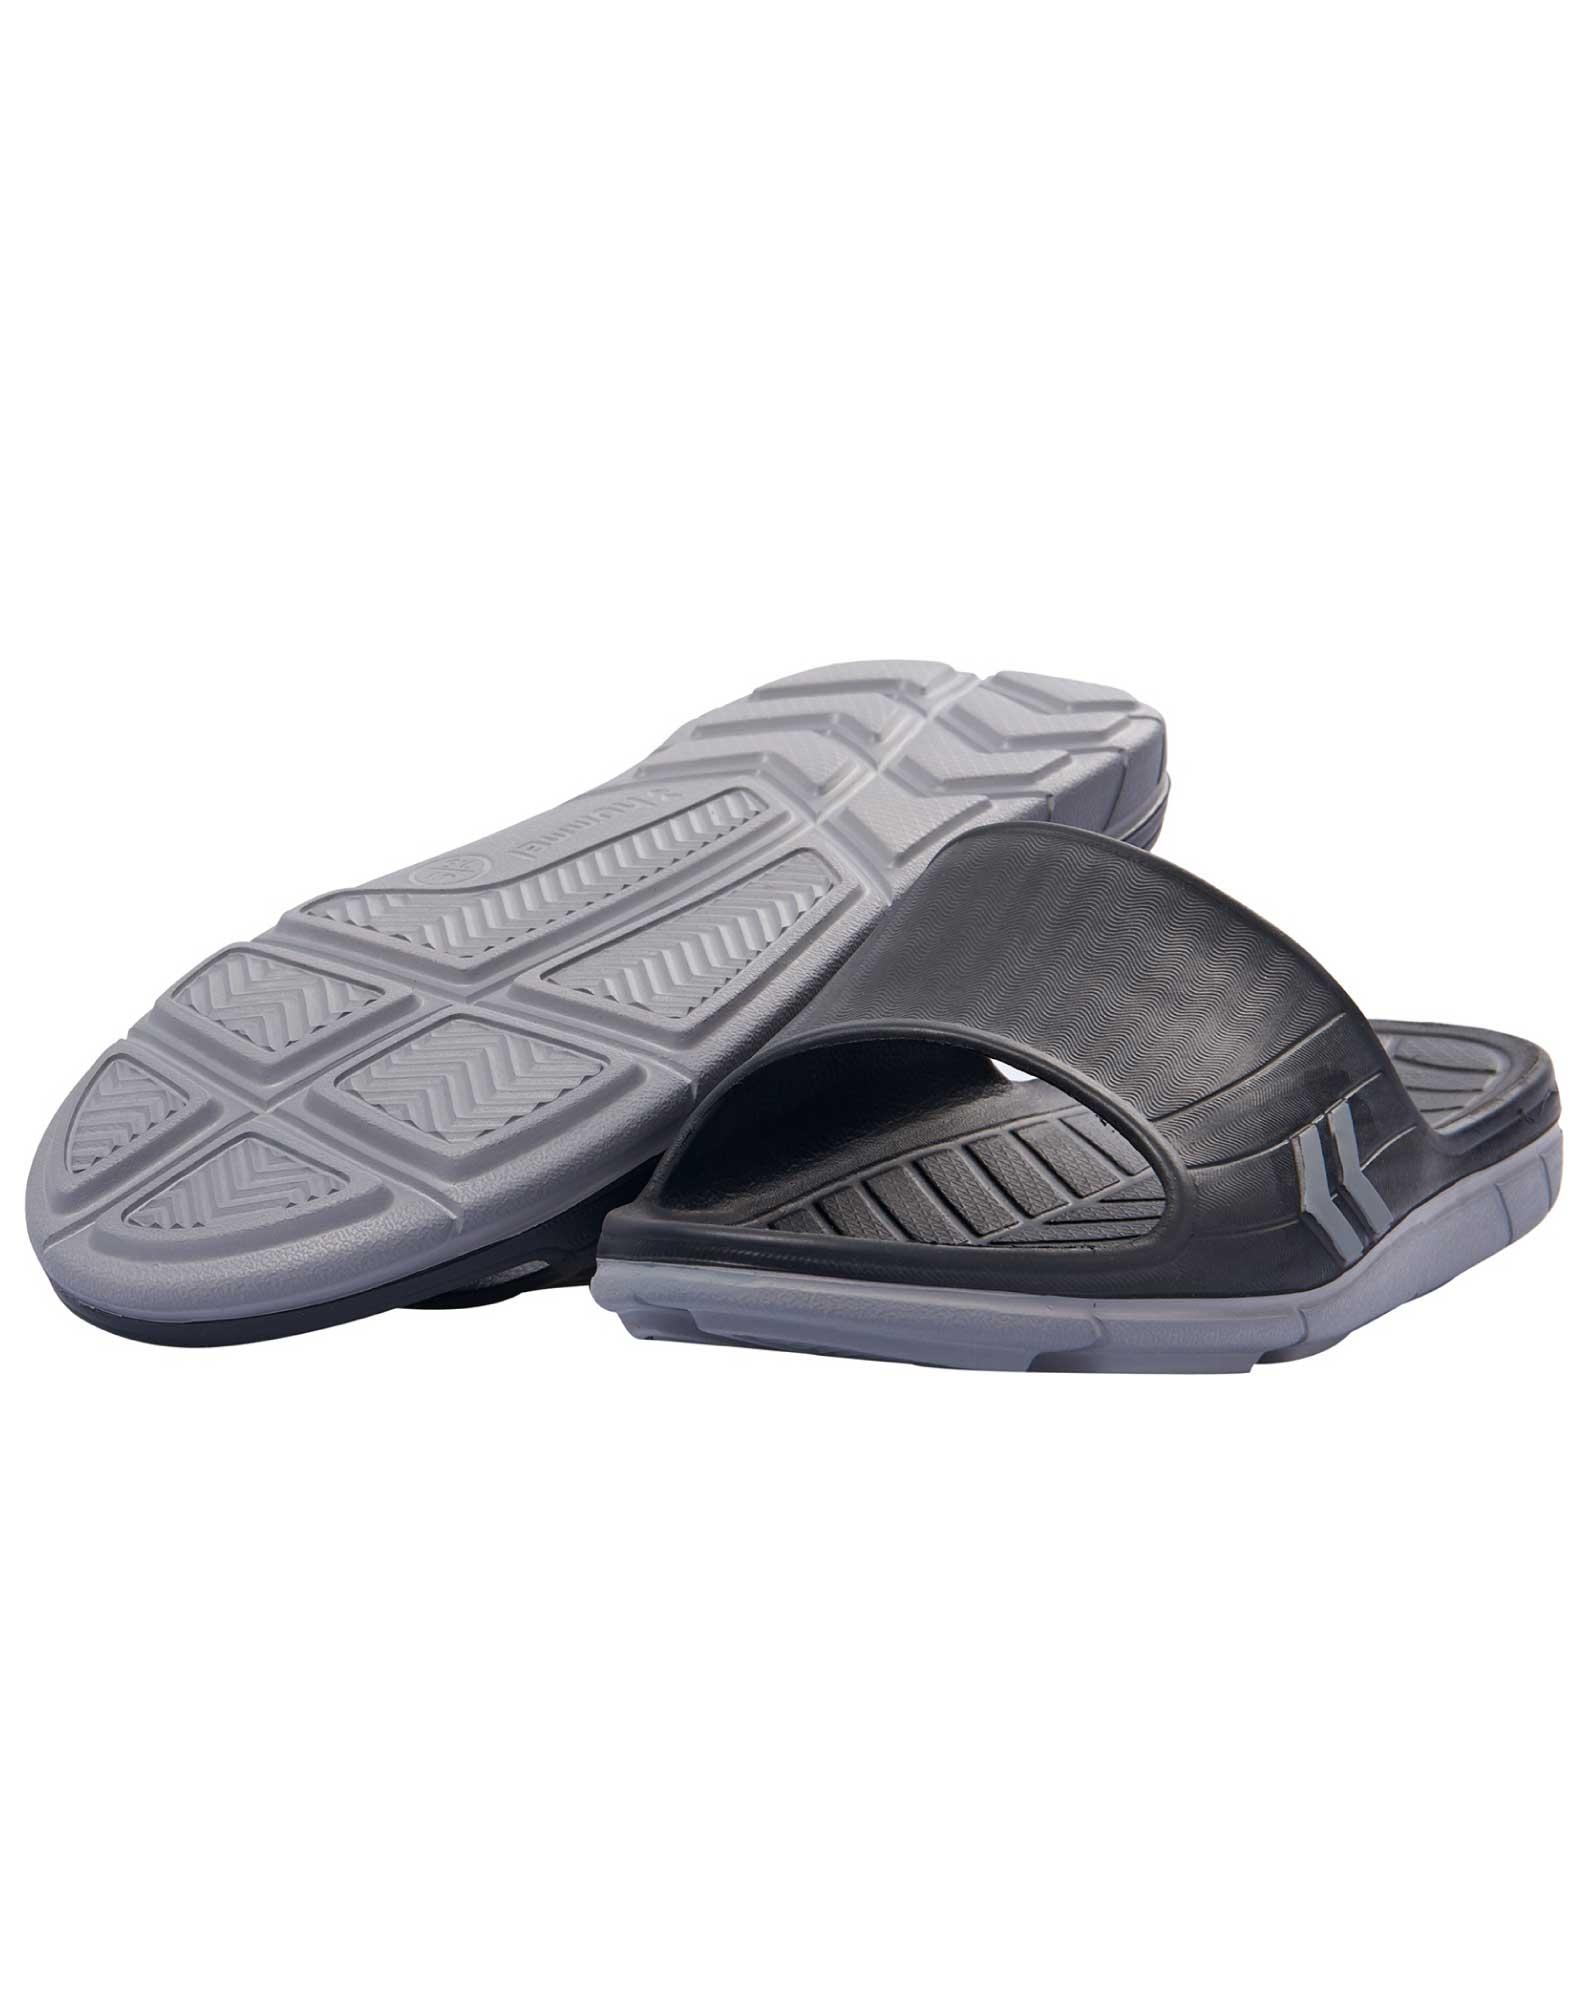 282a320c0727 Køb Badesandaler Hummel Jensen sandal i Sort-Grå til Unisex